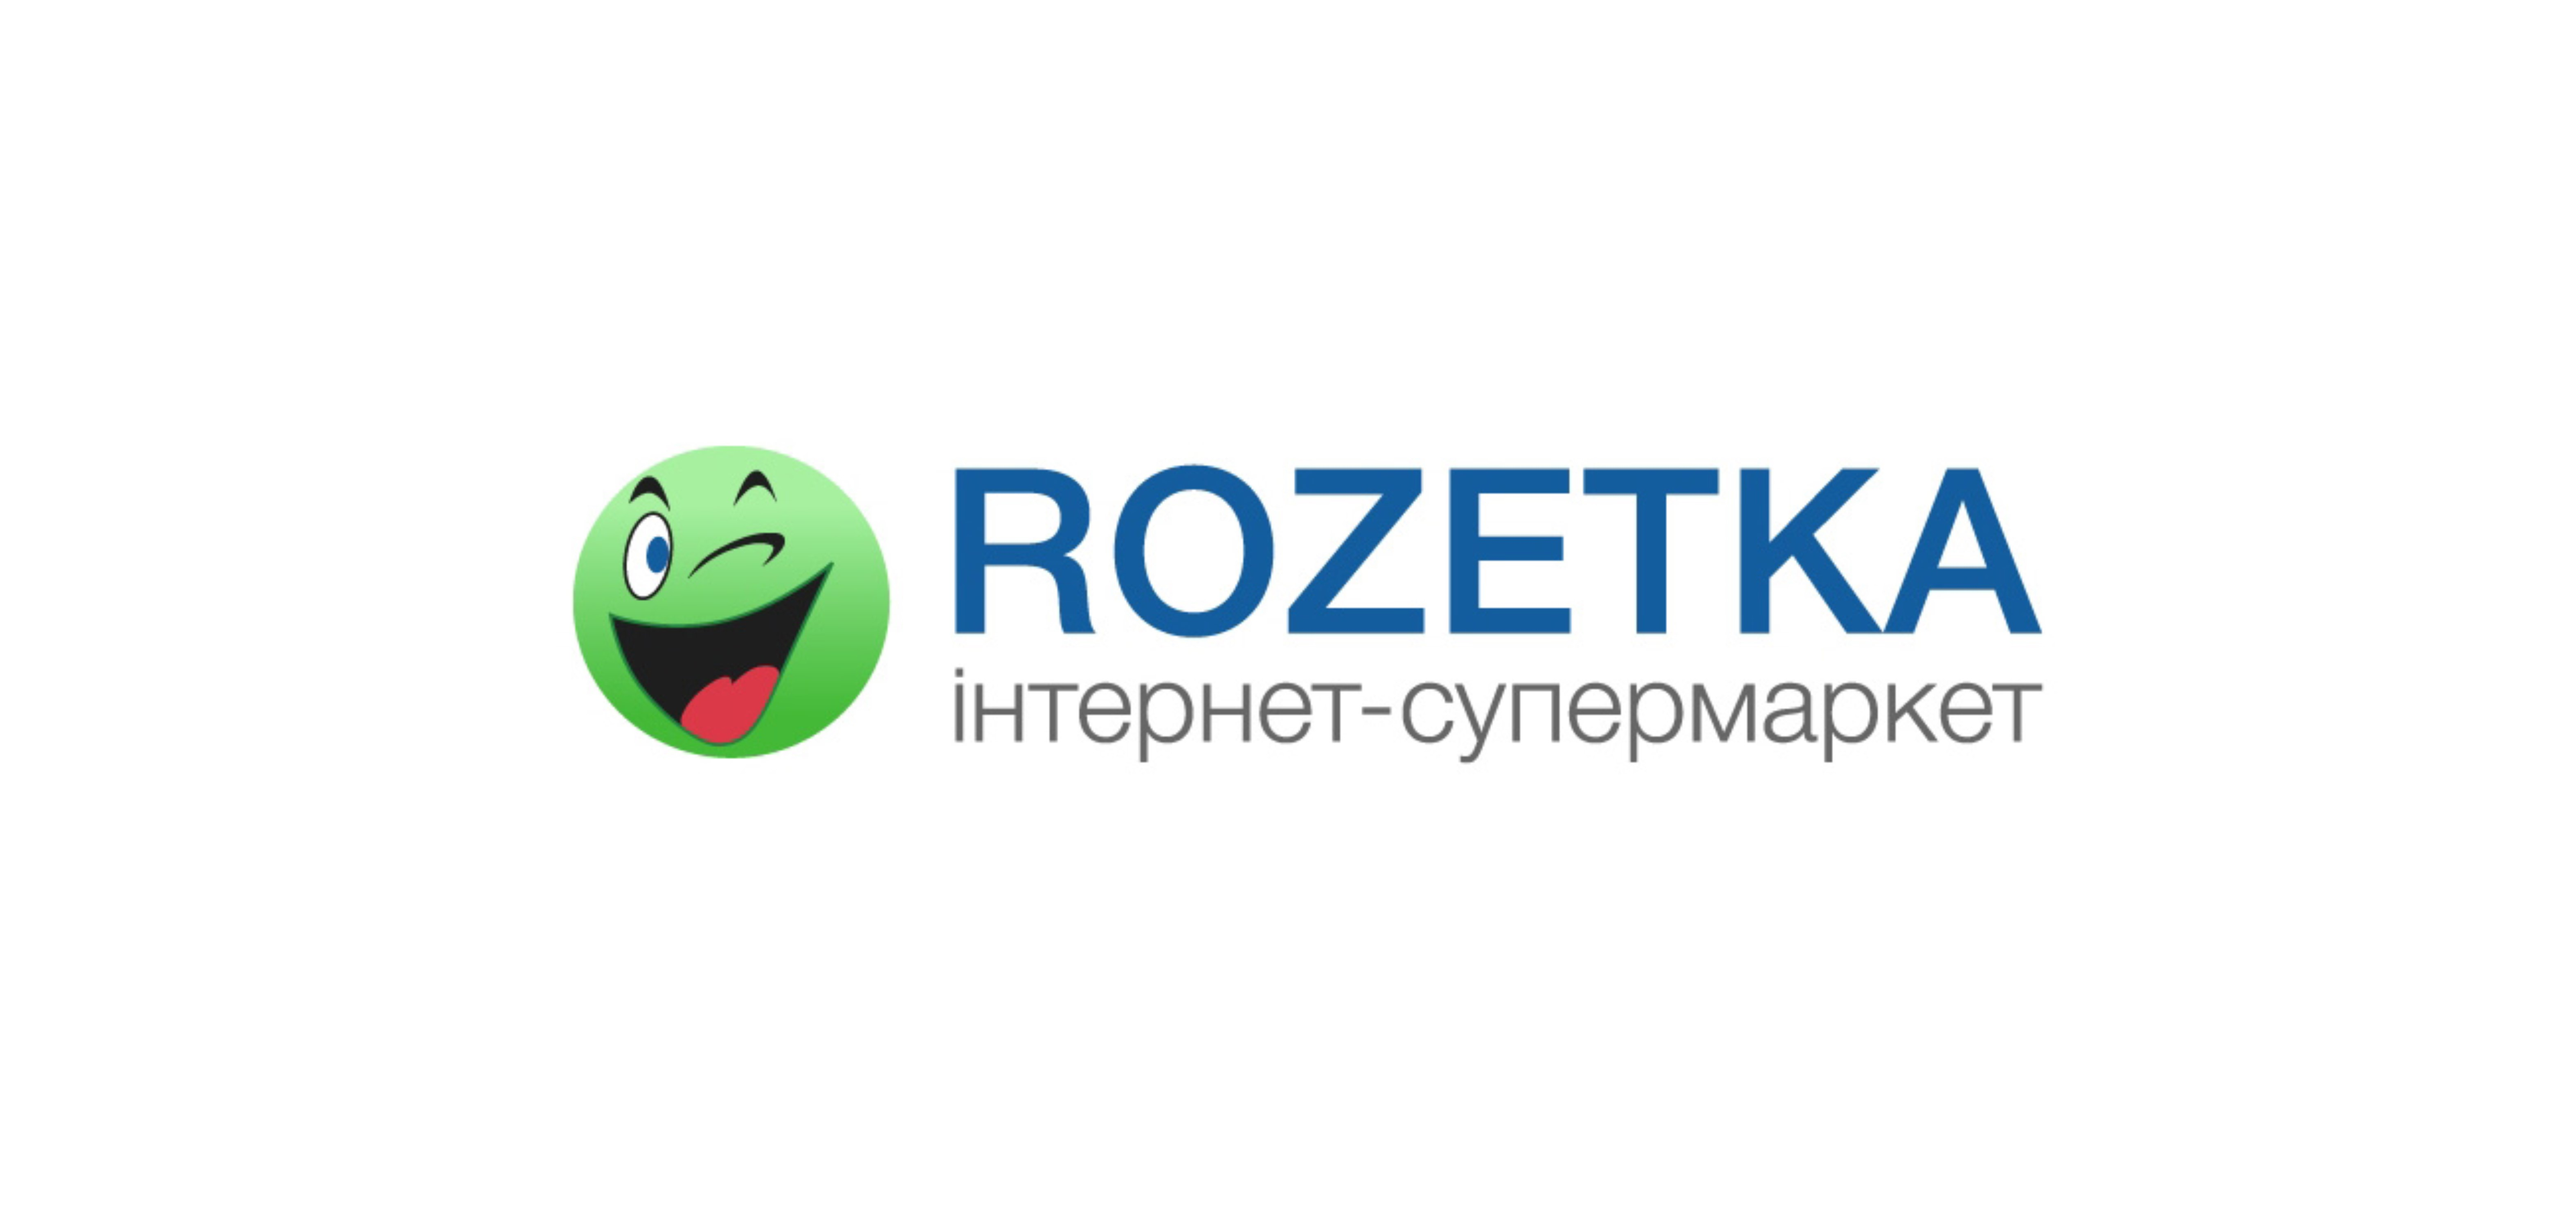 channel_1508744459rozetka2.jpg